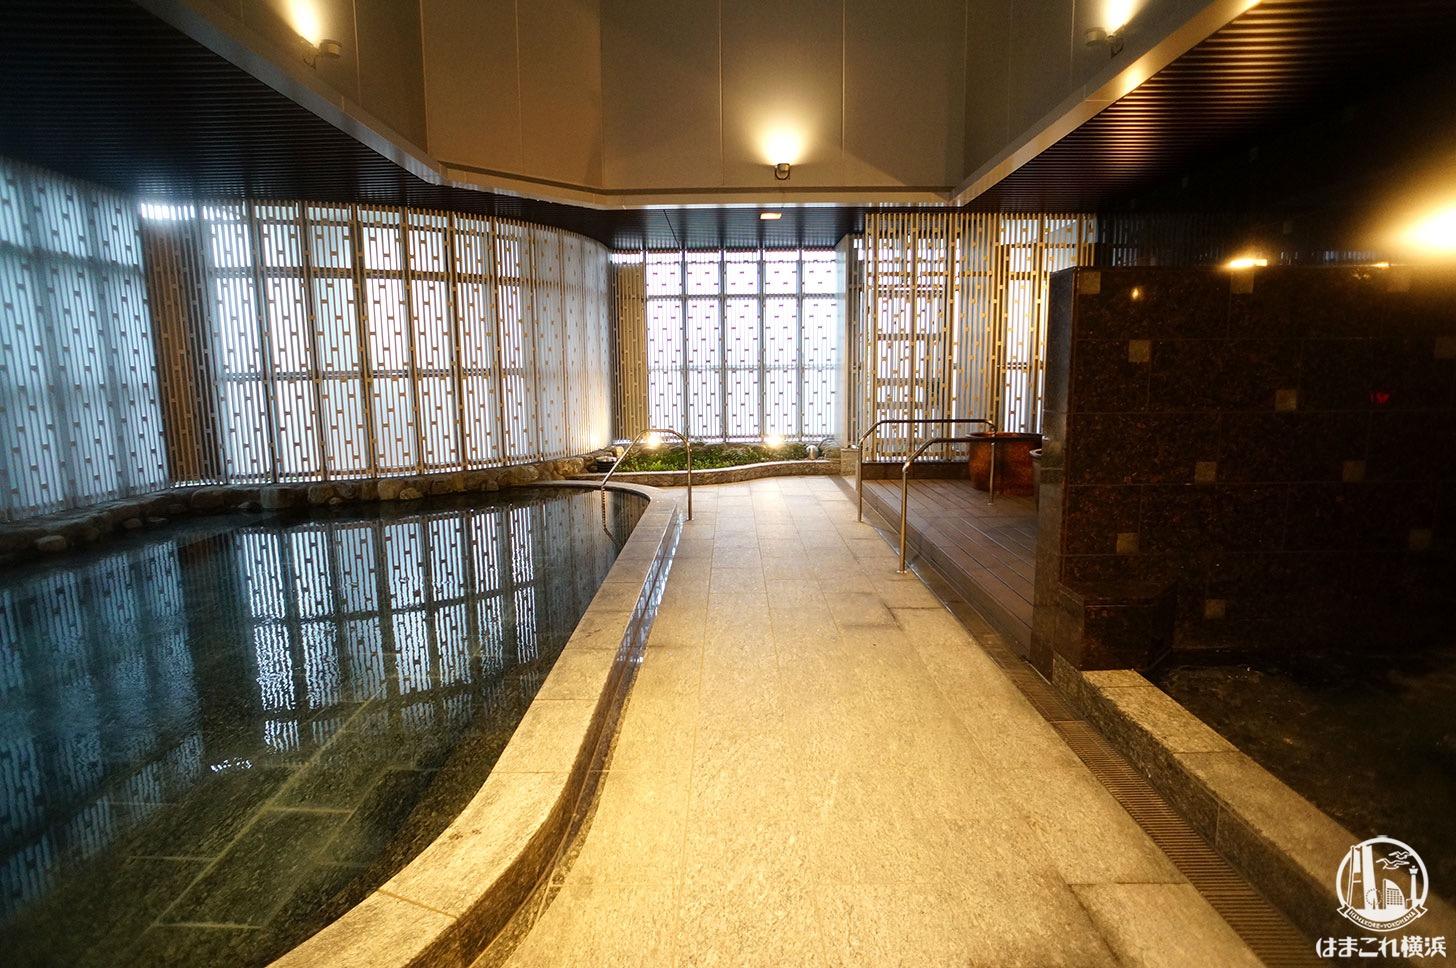 アパホテル&リゾート 横浜ベイタワー 大浴場 男湯